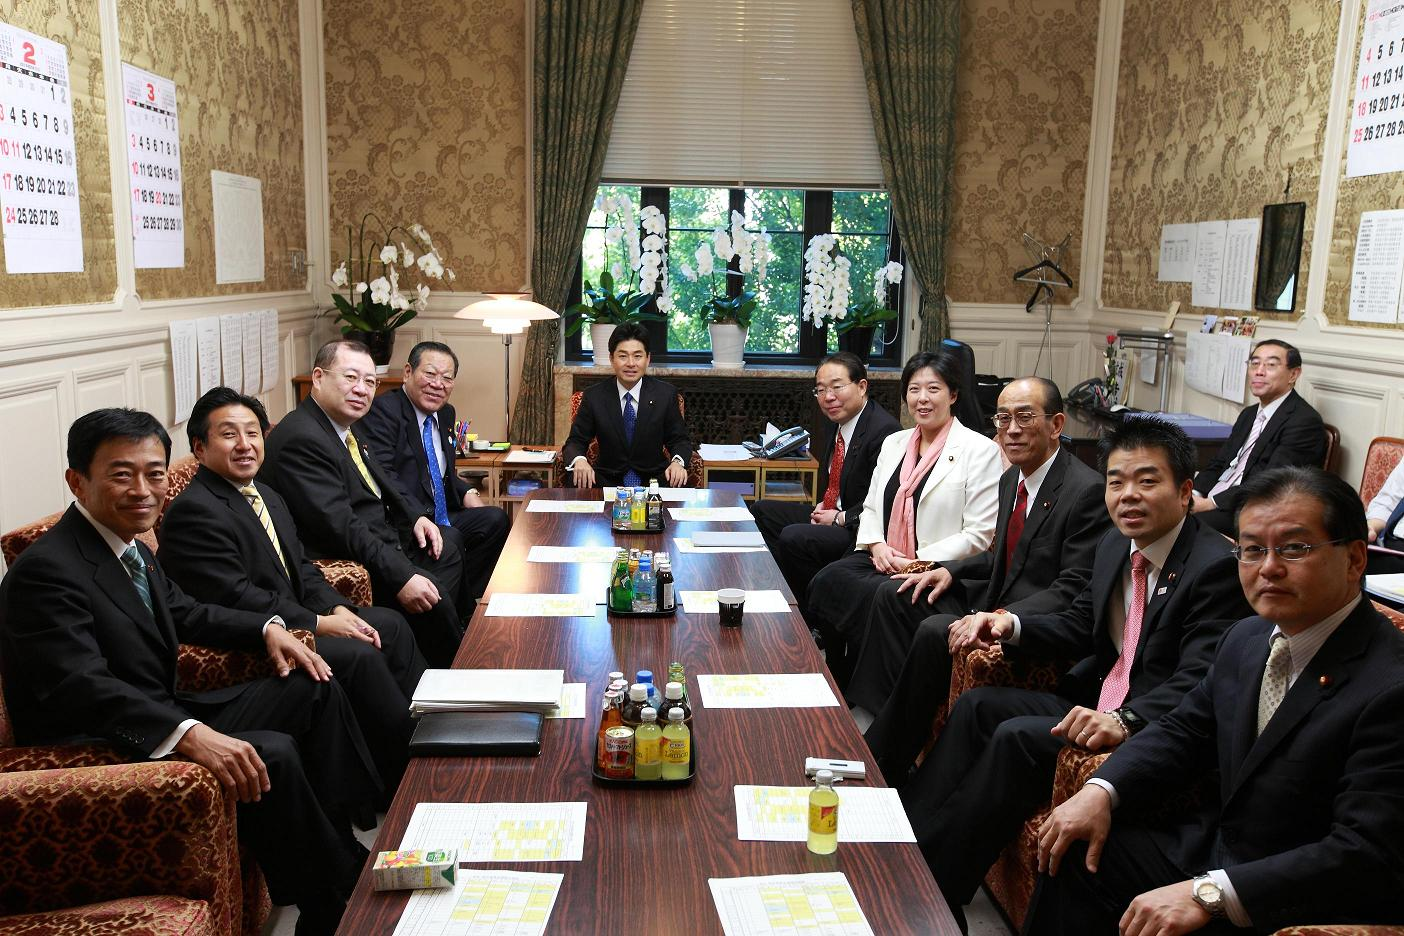 解散、朝の国対正副委員長会議